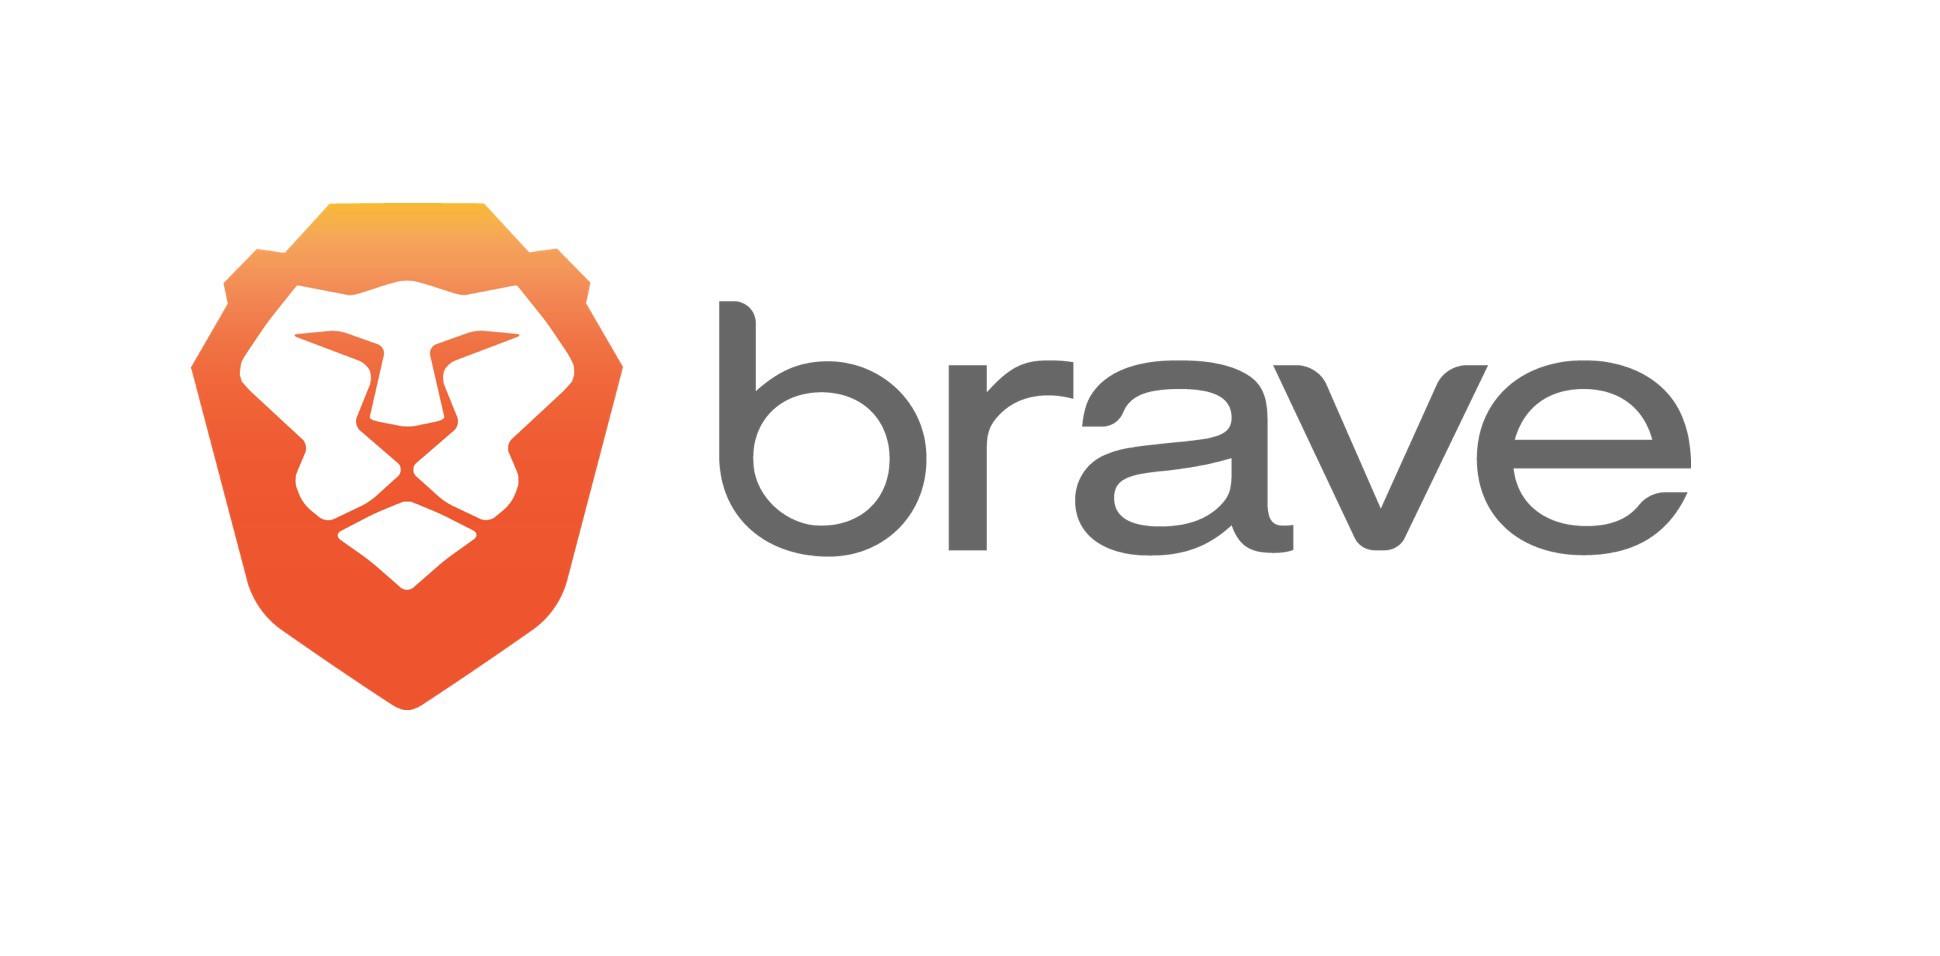 Brave Browser image